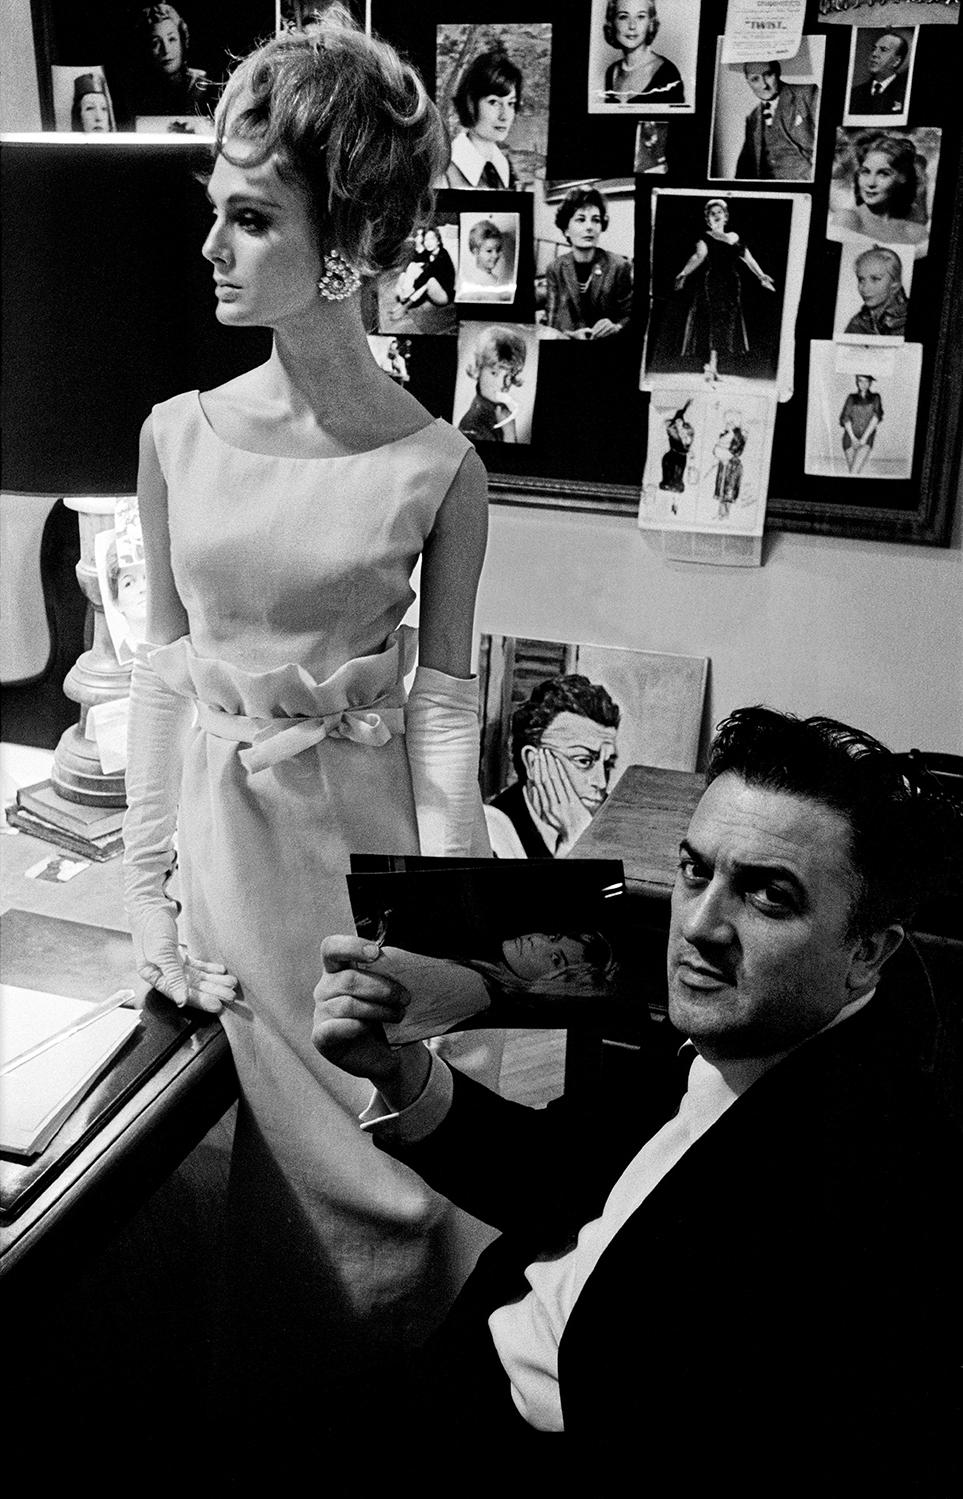 Rome Fashion Harper's Bazaar with Fellini